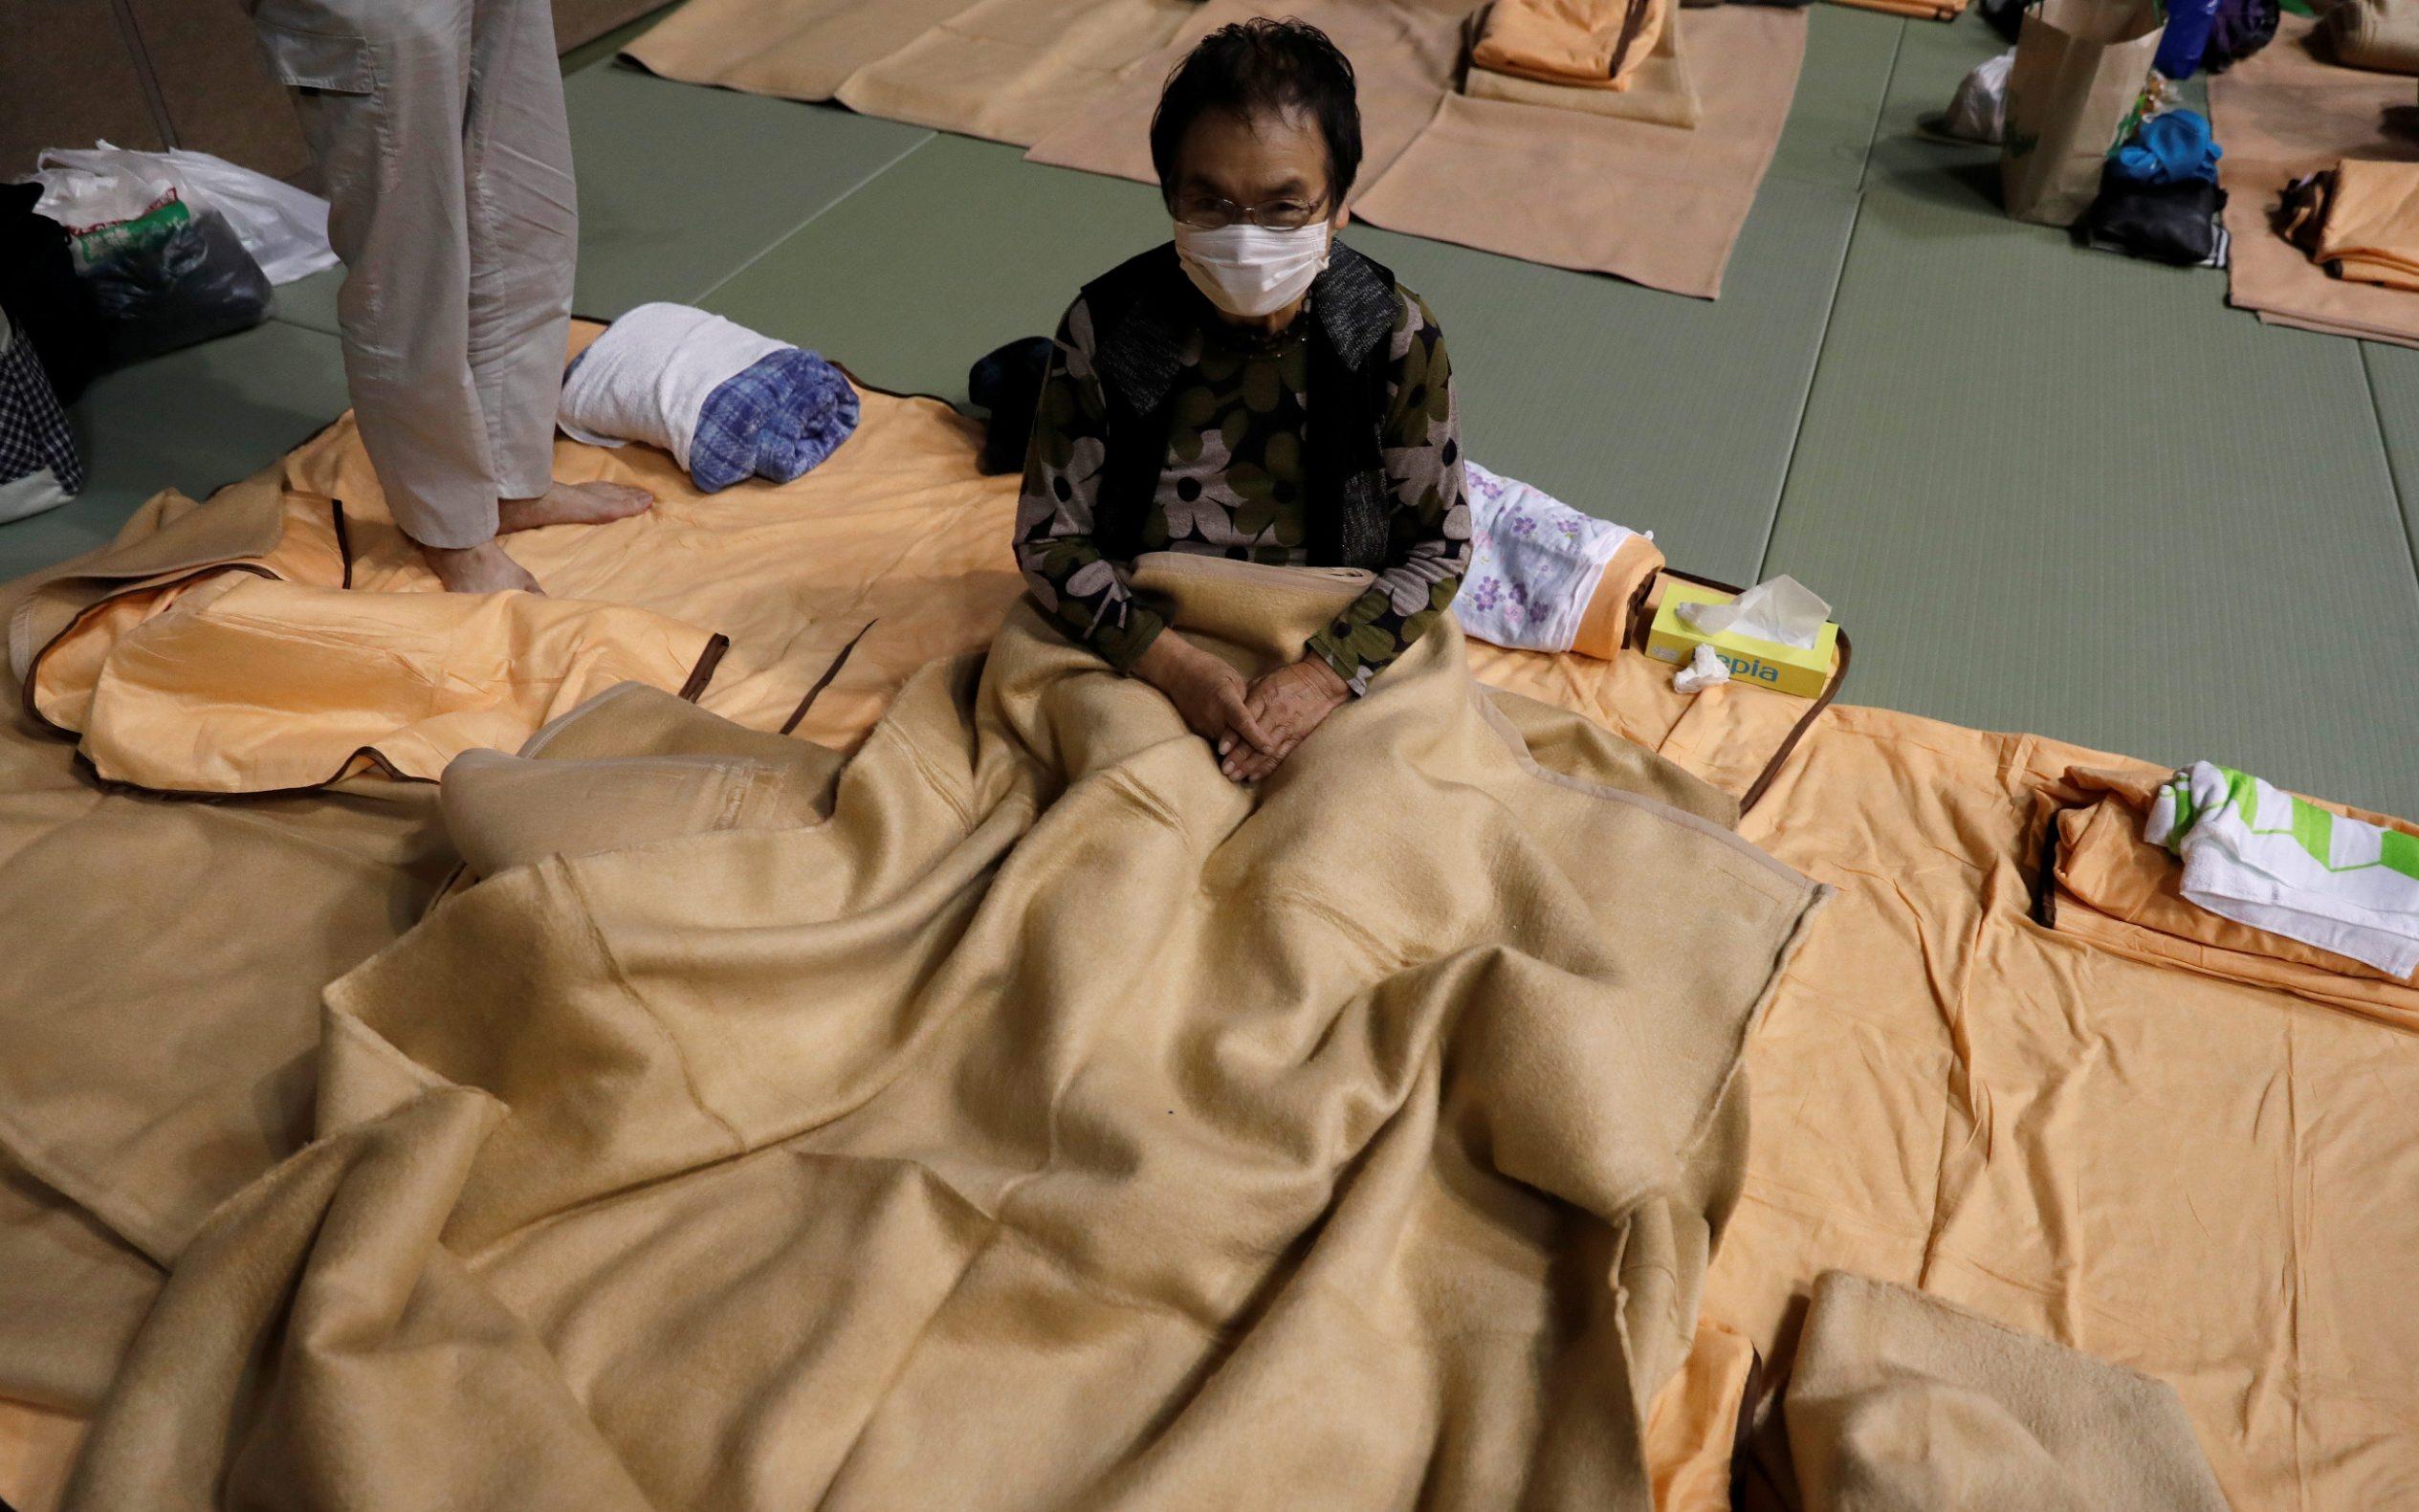 Ljudi u skloništu zbog tajfuna